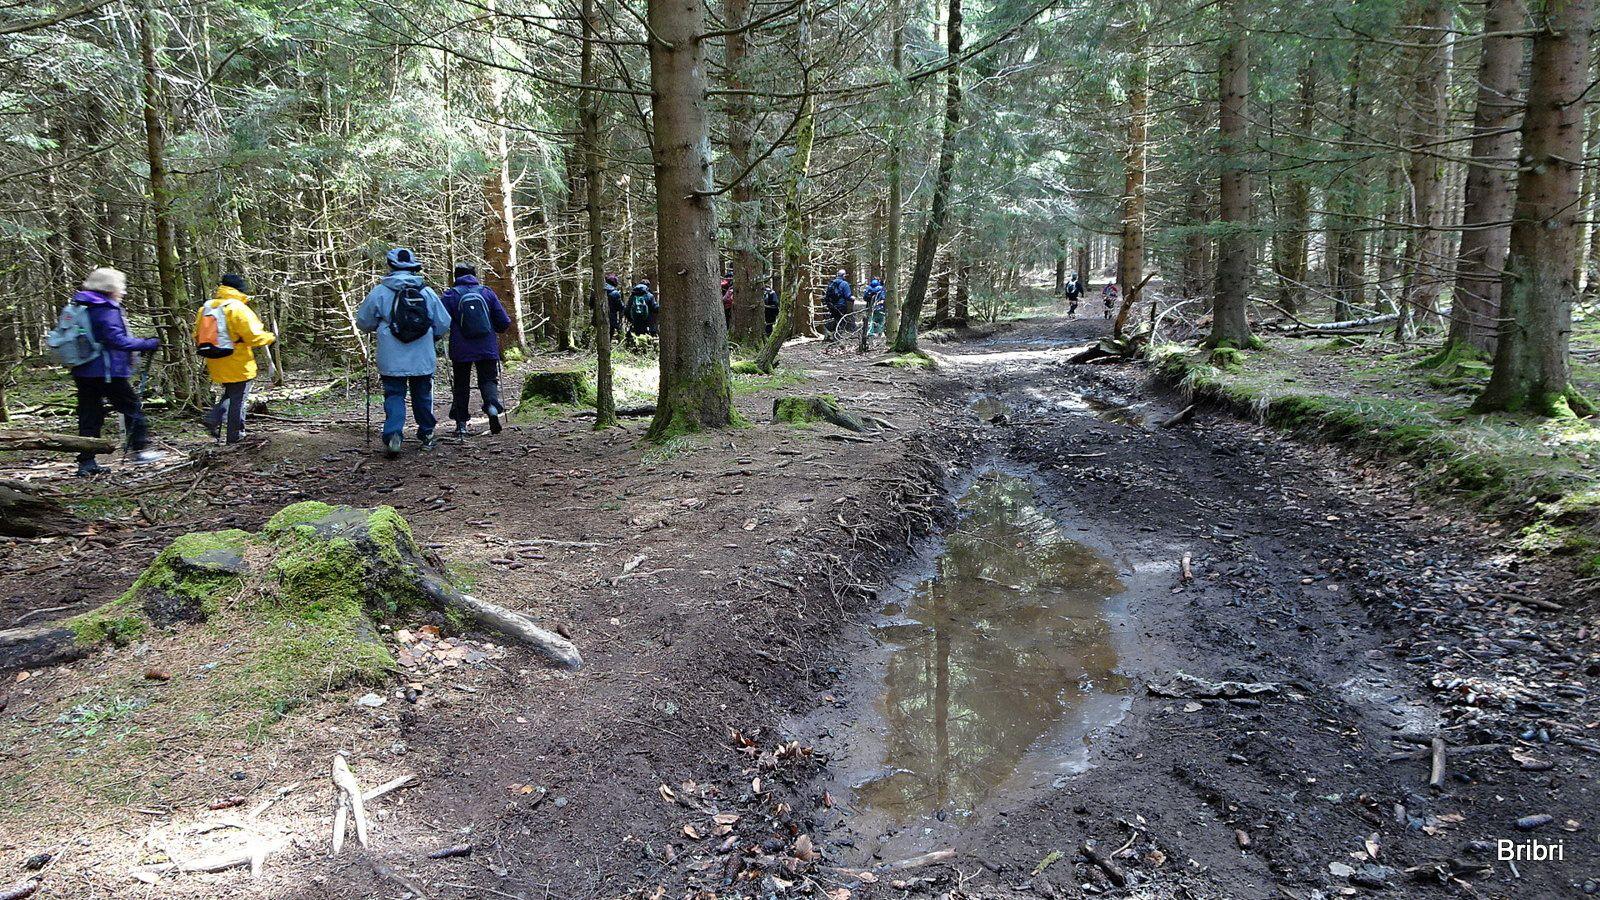 La petite montée en forêt donne chaud, on quitte une pelure.